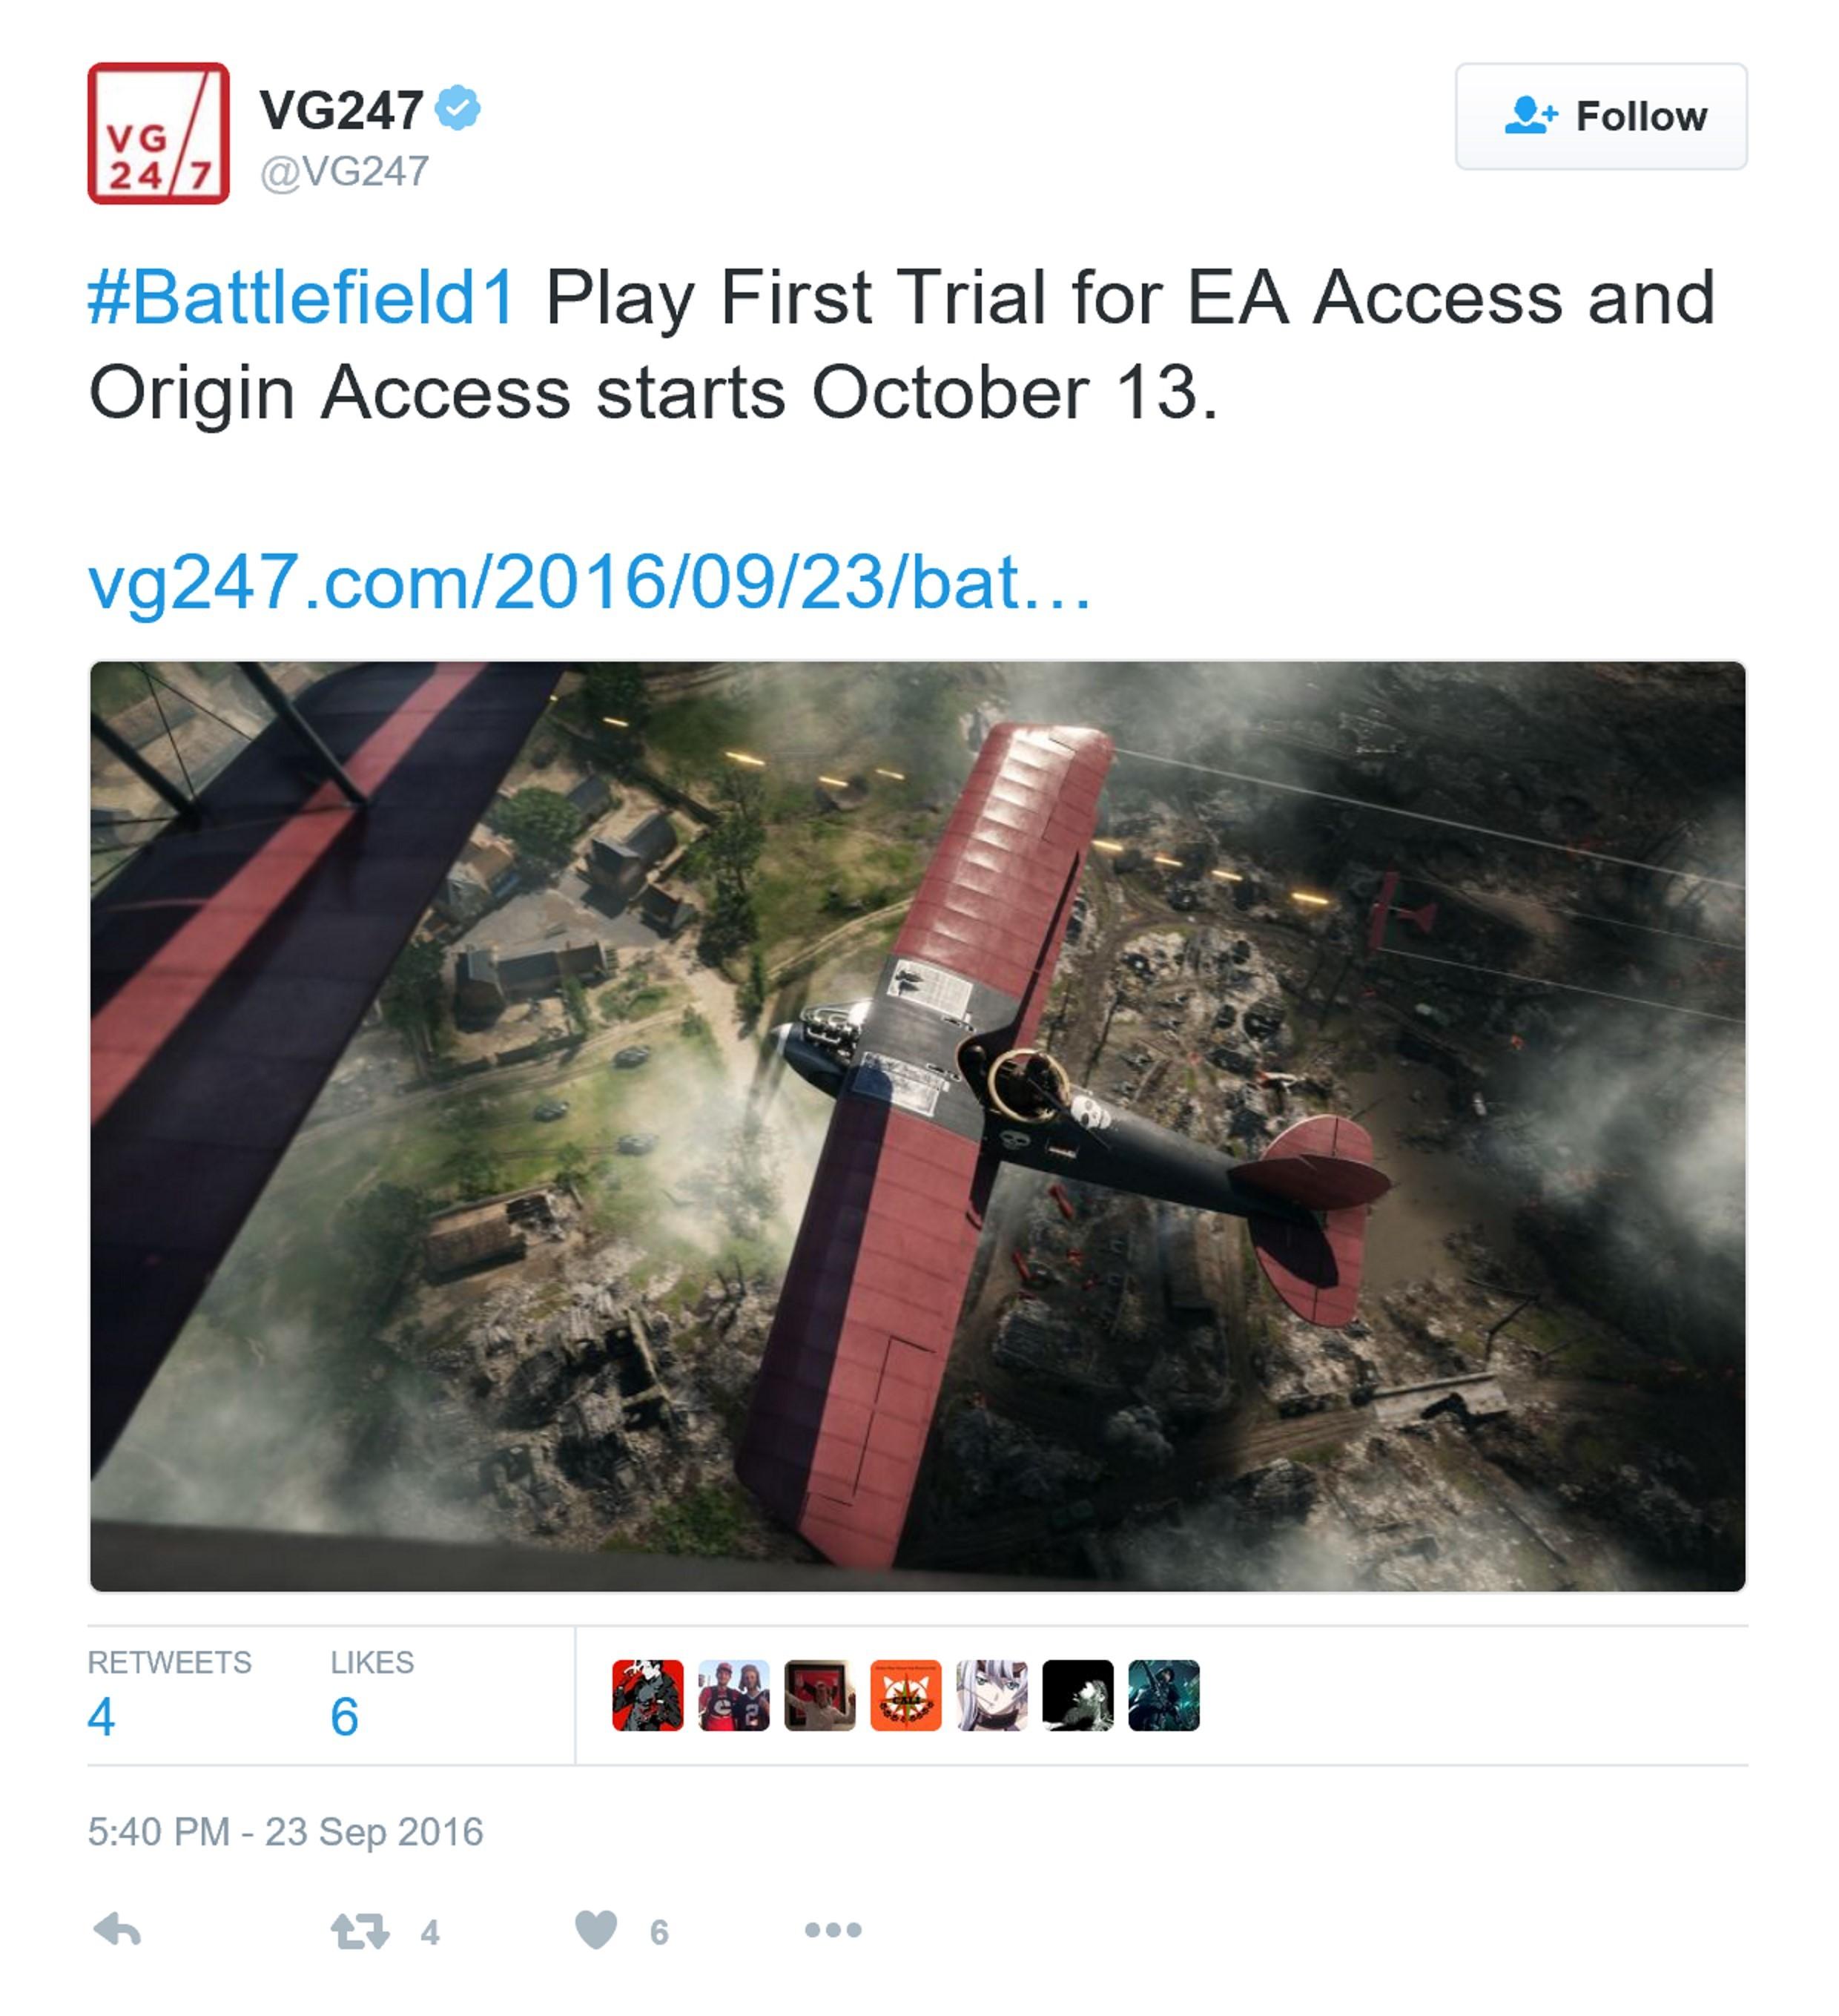 《战地1》试玩版10月开放